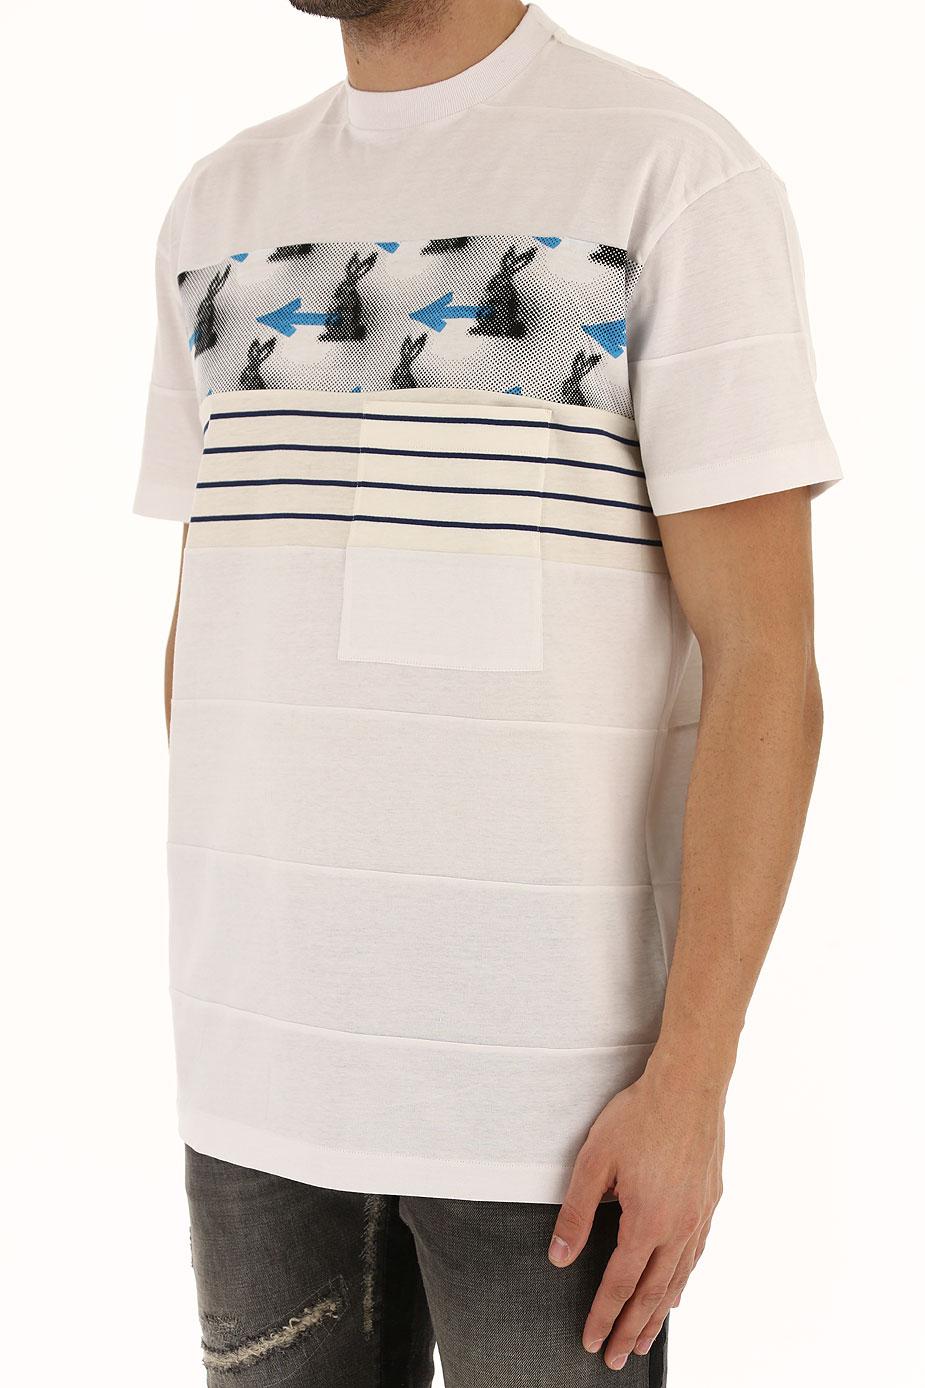 Abbigliamento Uomo Prada, Codice Articolo: ujn320-1k91-f0013